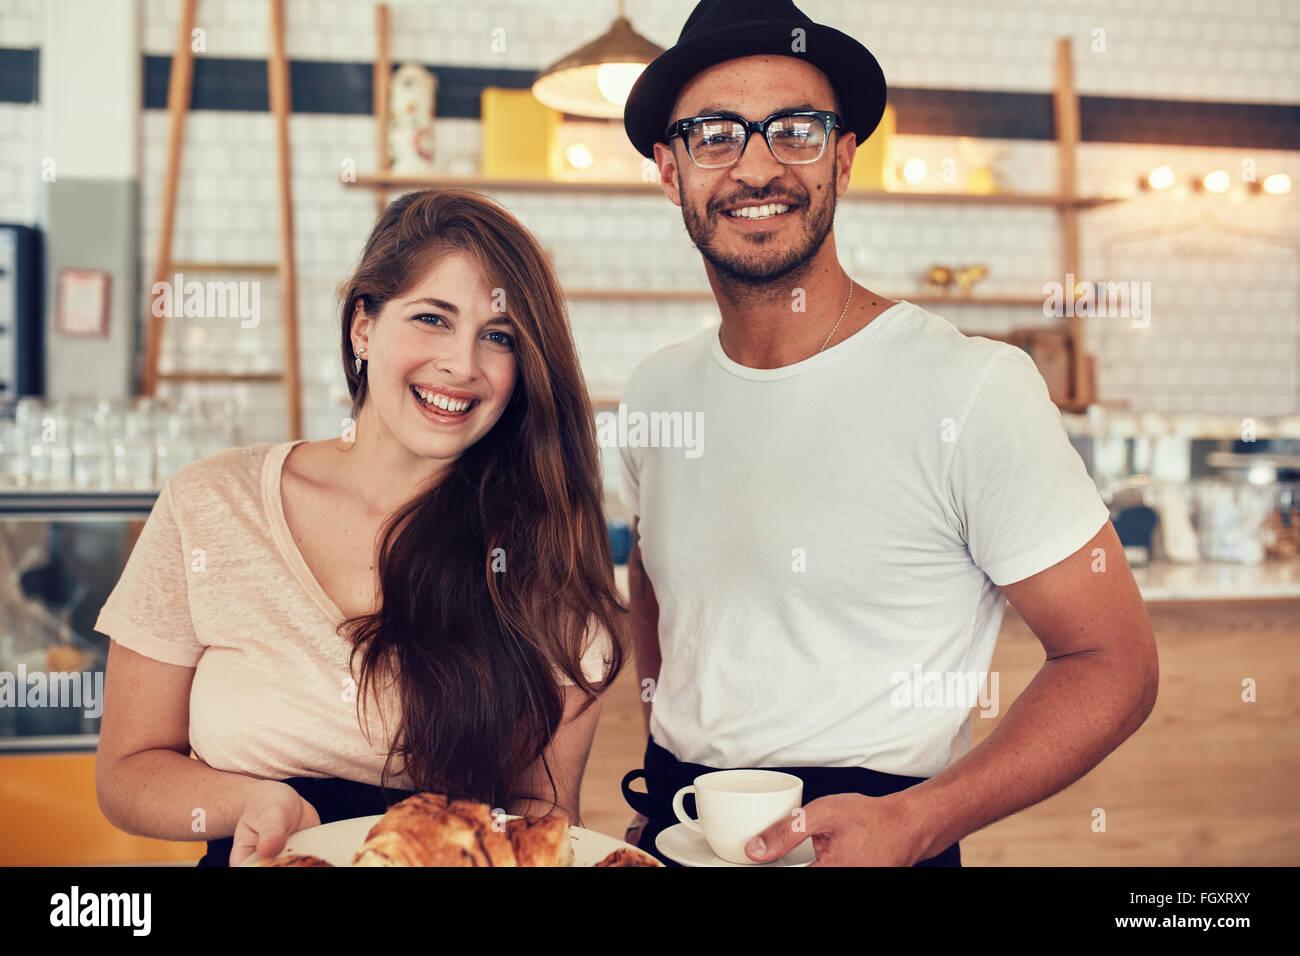 Porträt von glücklicher junger Mann und Frau, die ihr Mittagessen in einem Café, Blick in die Kamera Stockbild